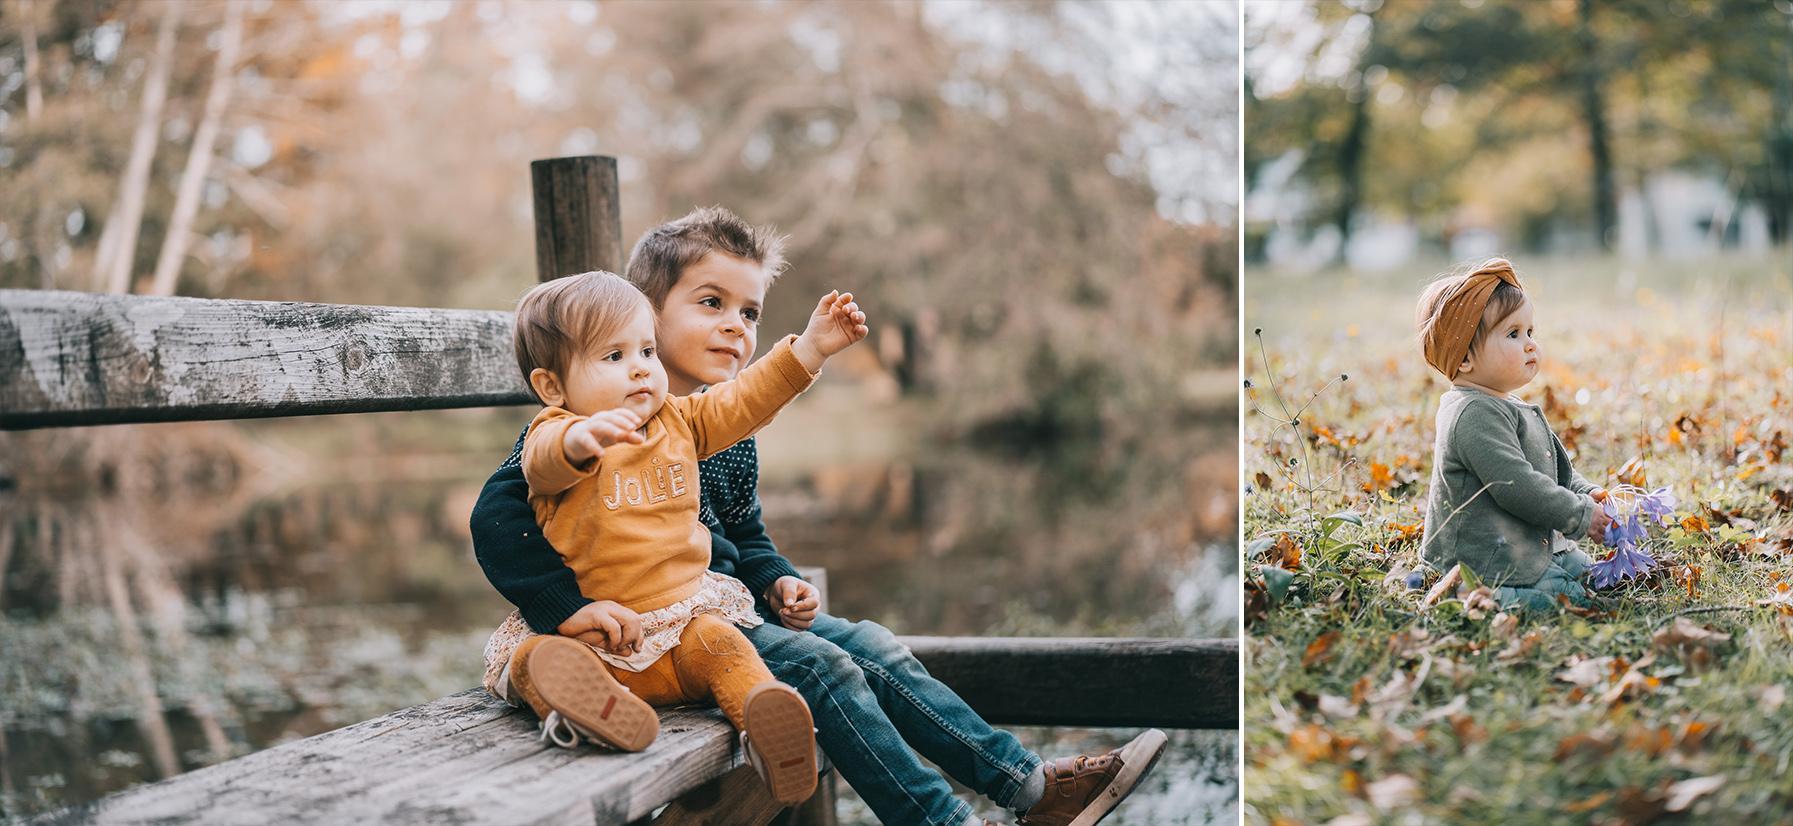 Photographe famille landes dax aquitaine